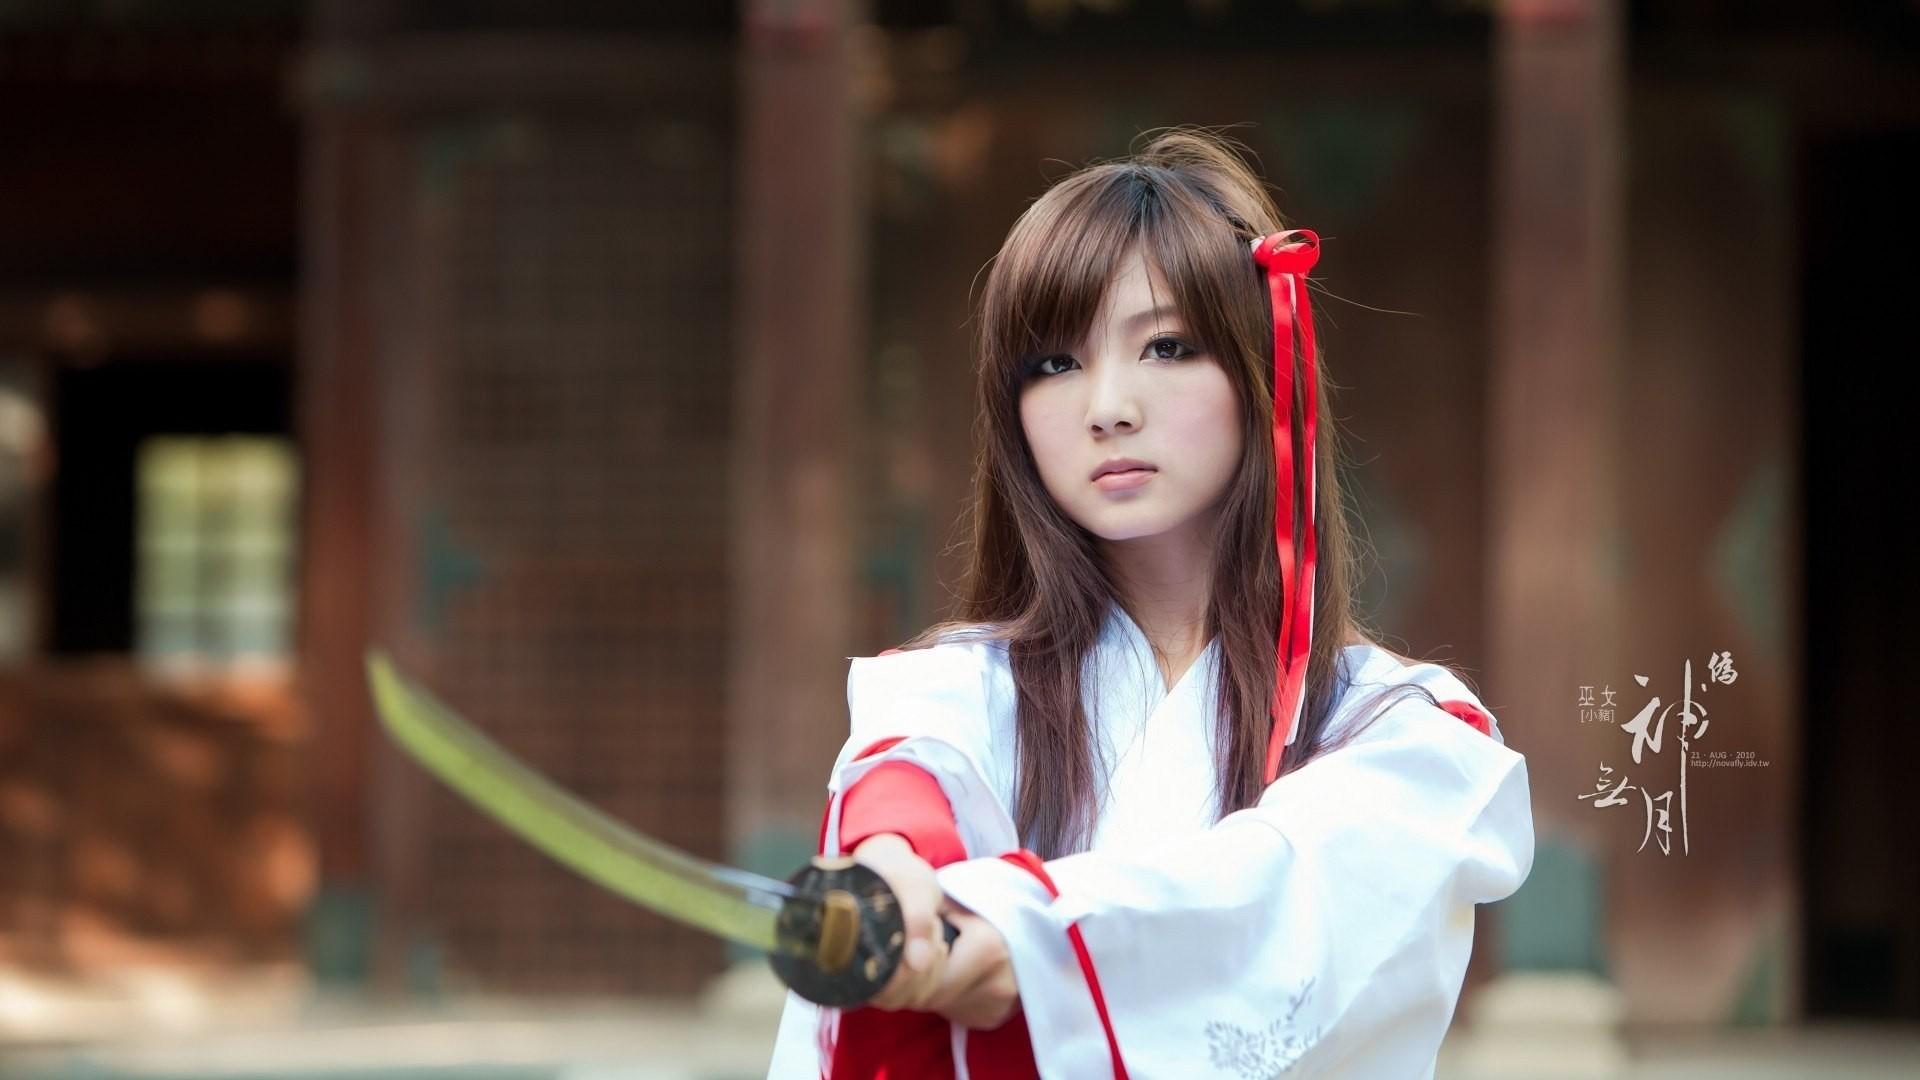 Японскую красивую видео — 11